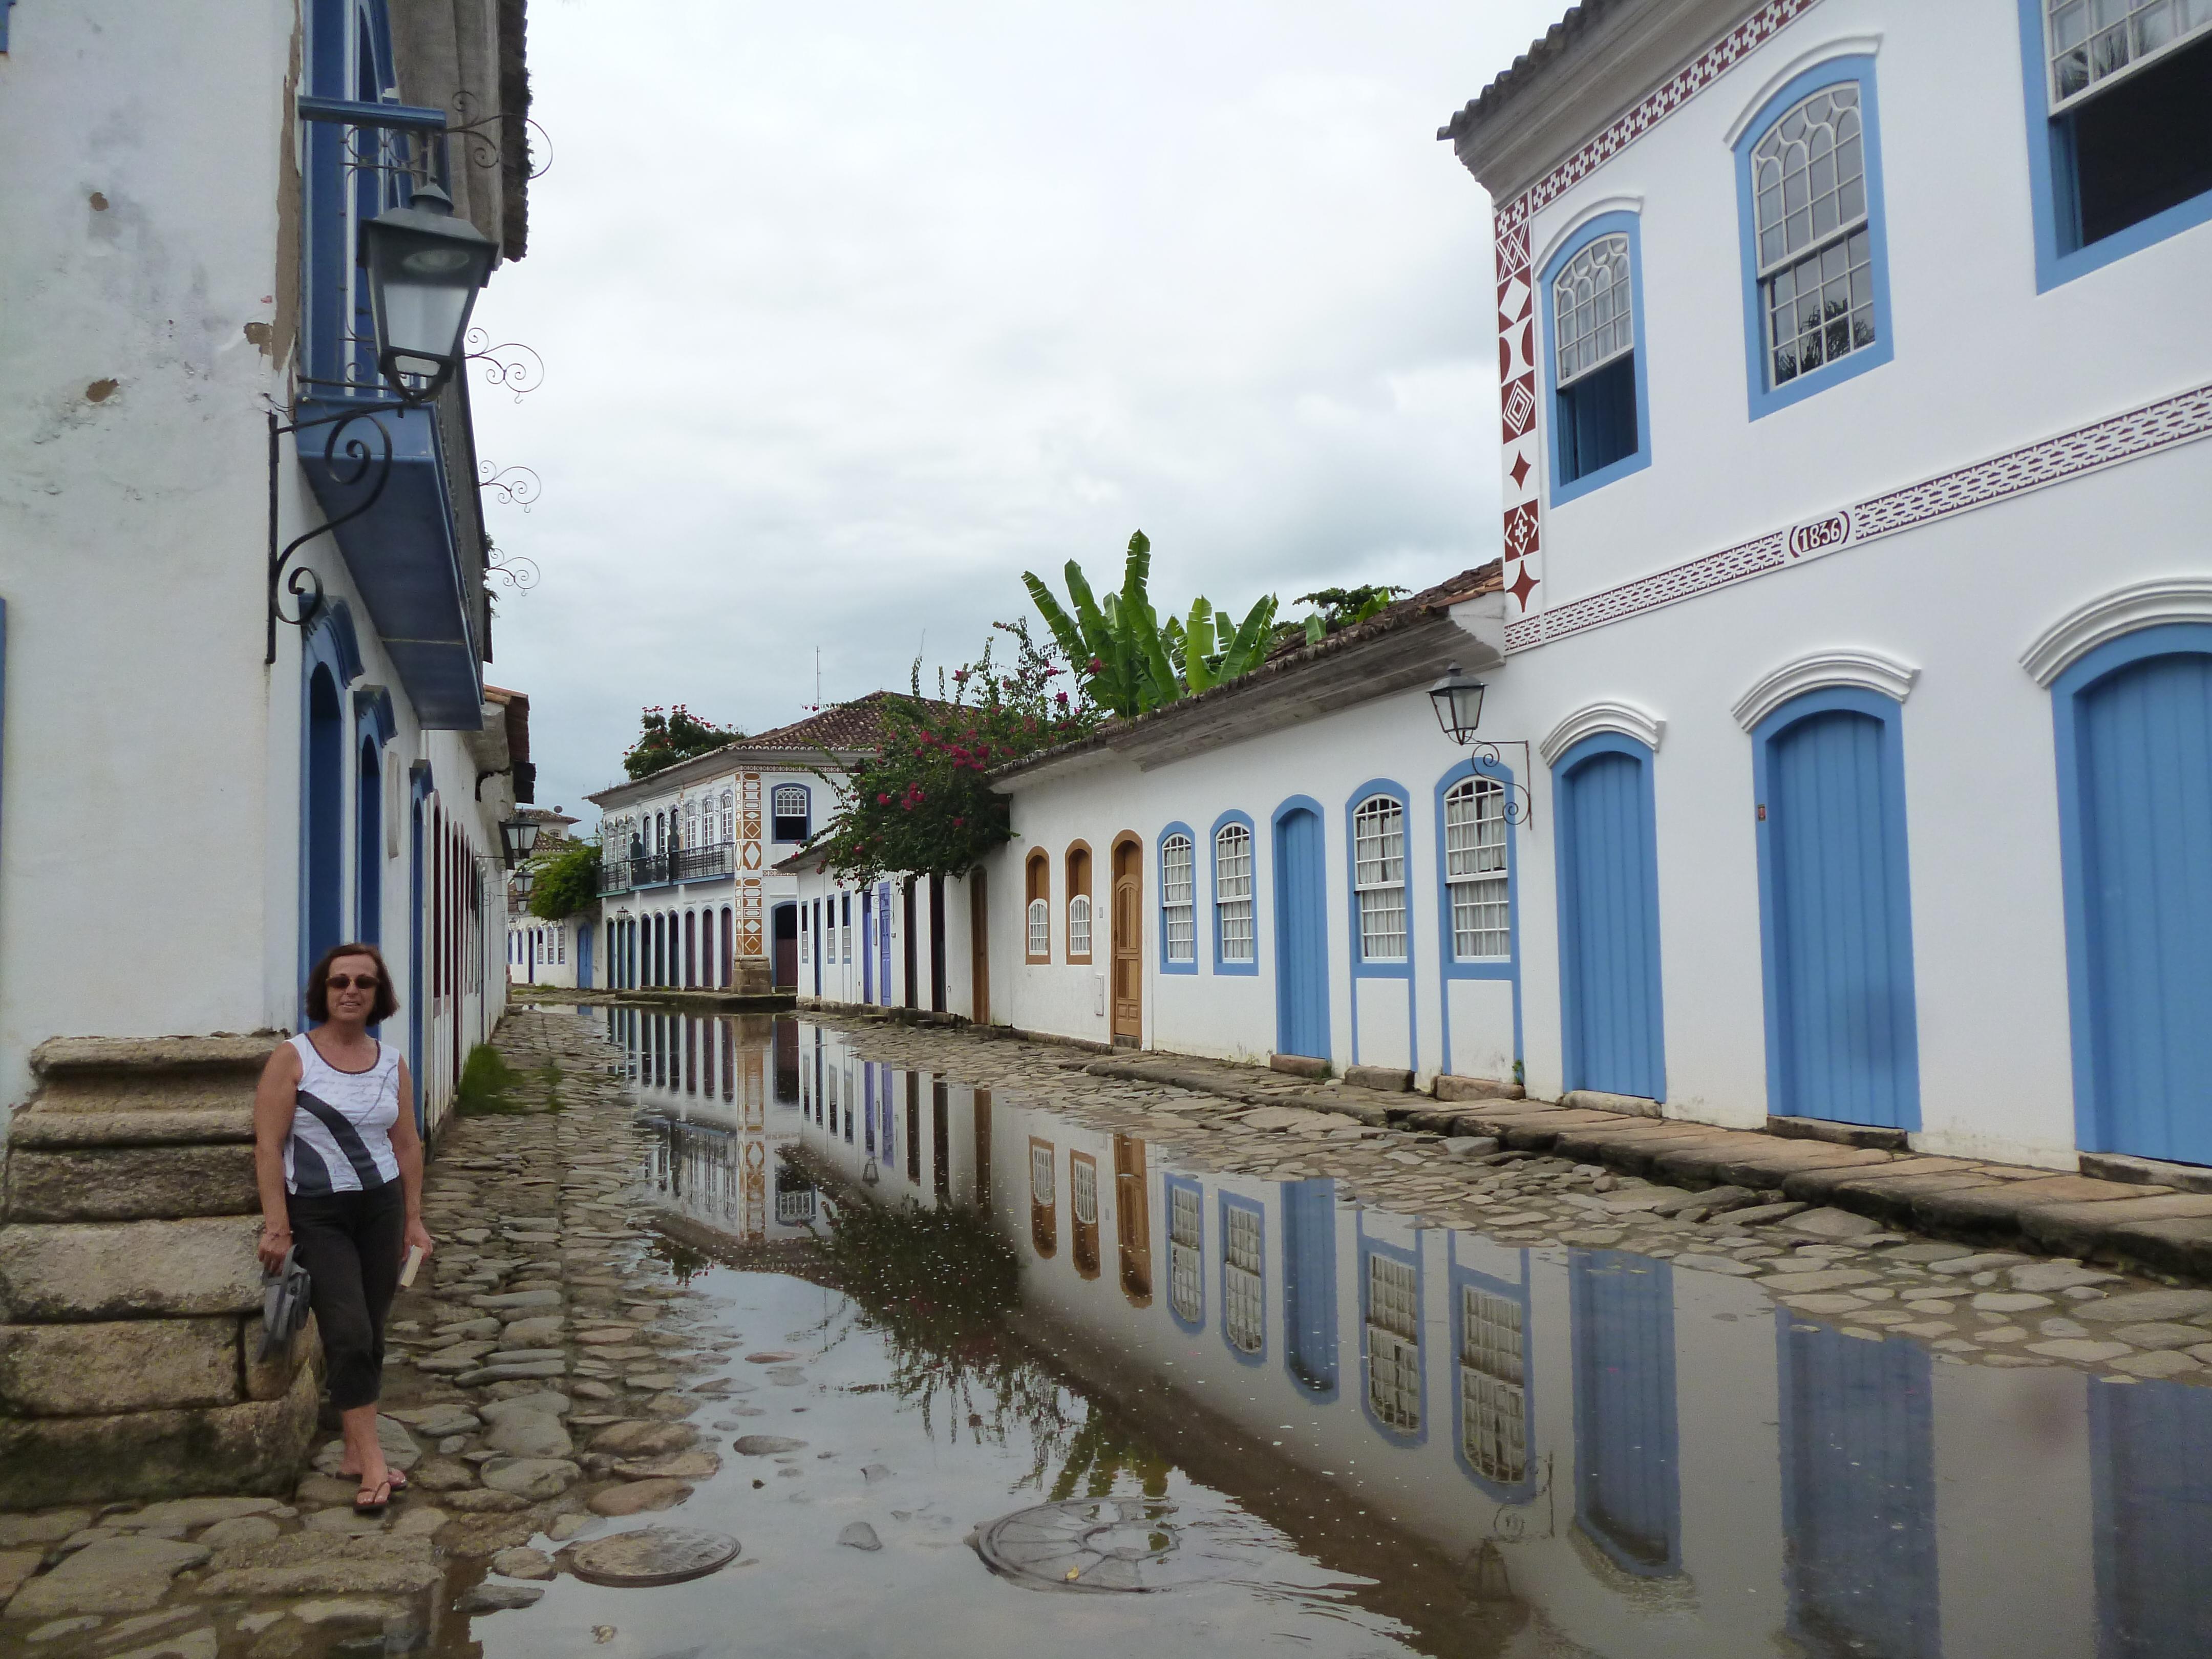 à marée haute, la mer envahit les rues